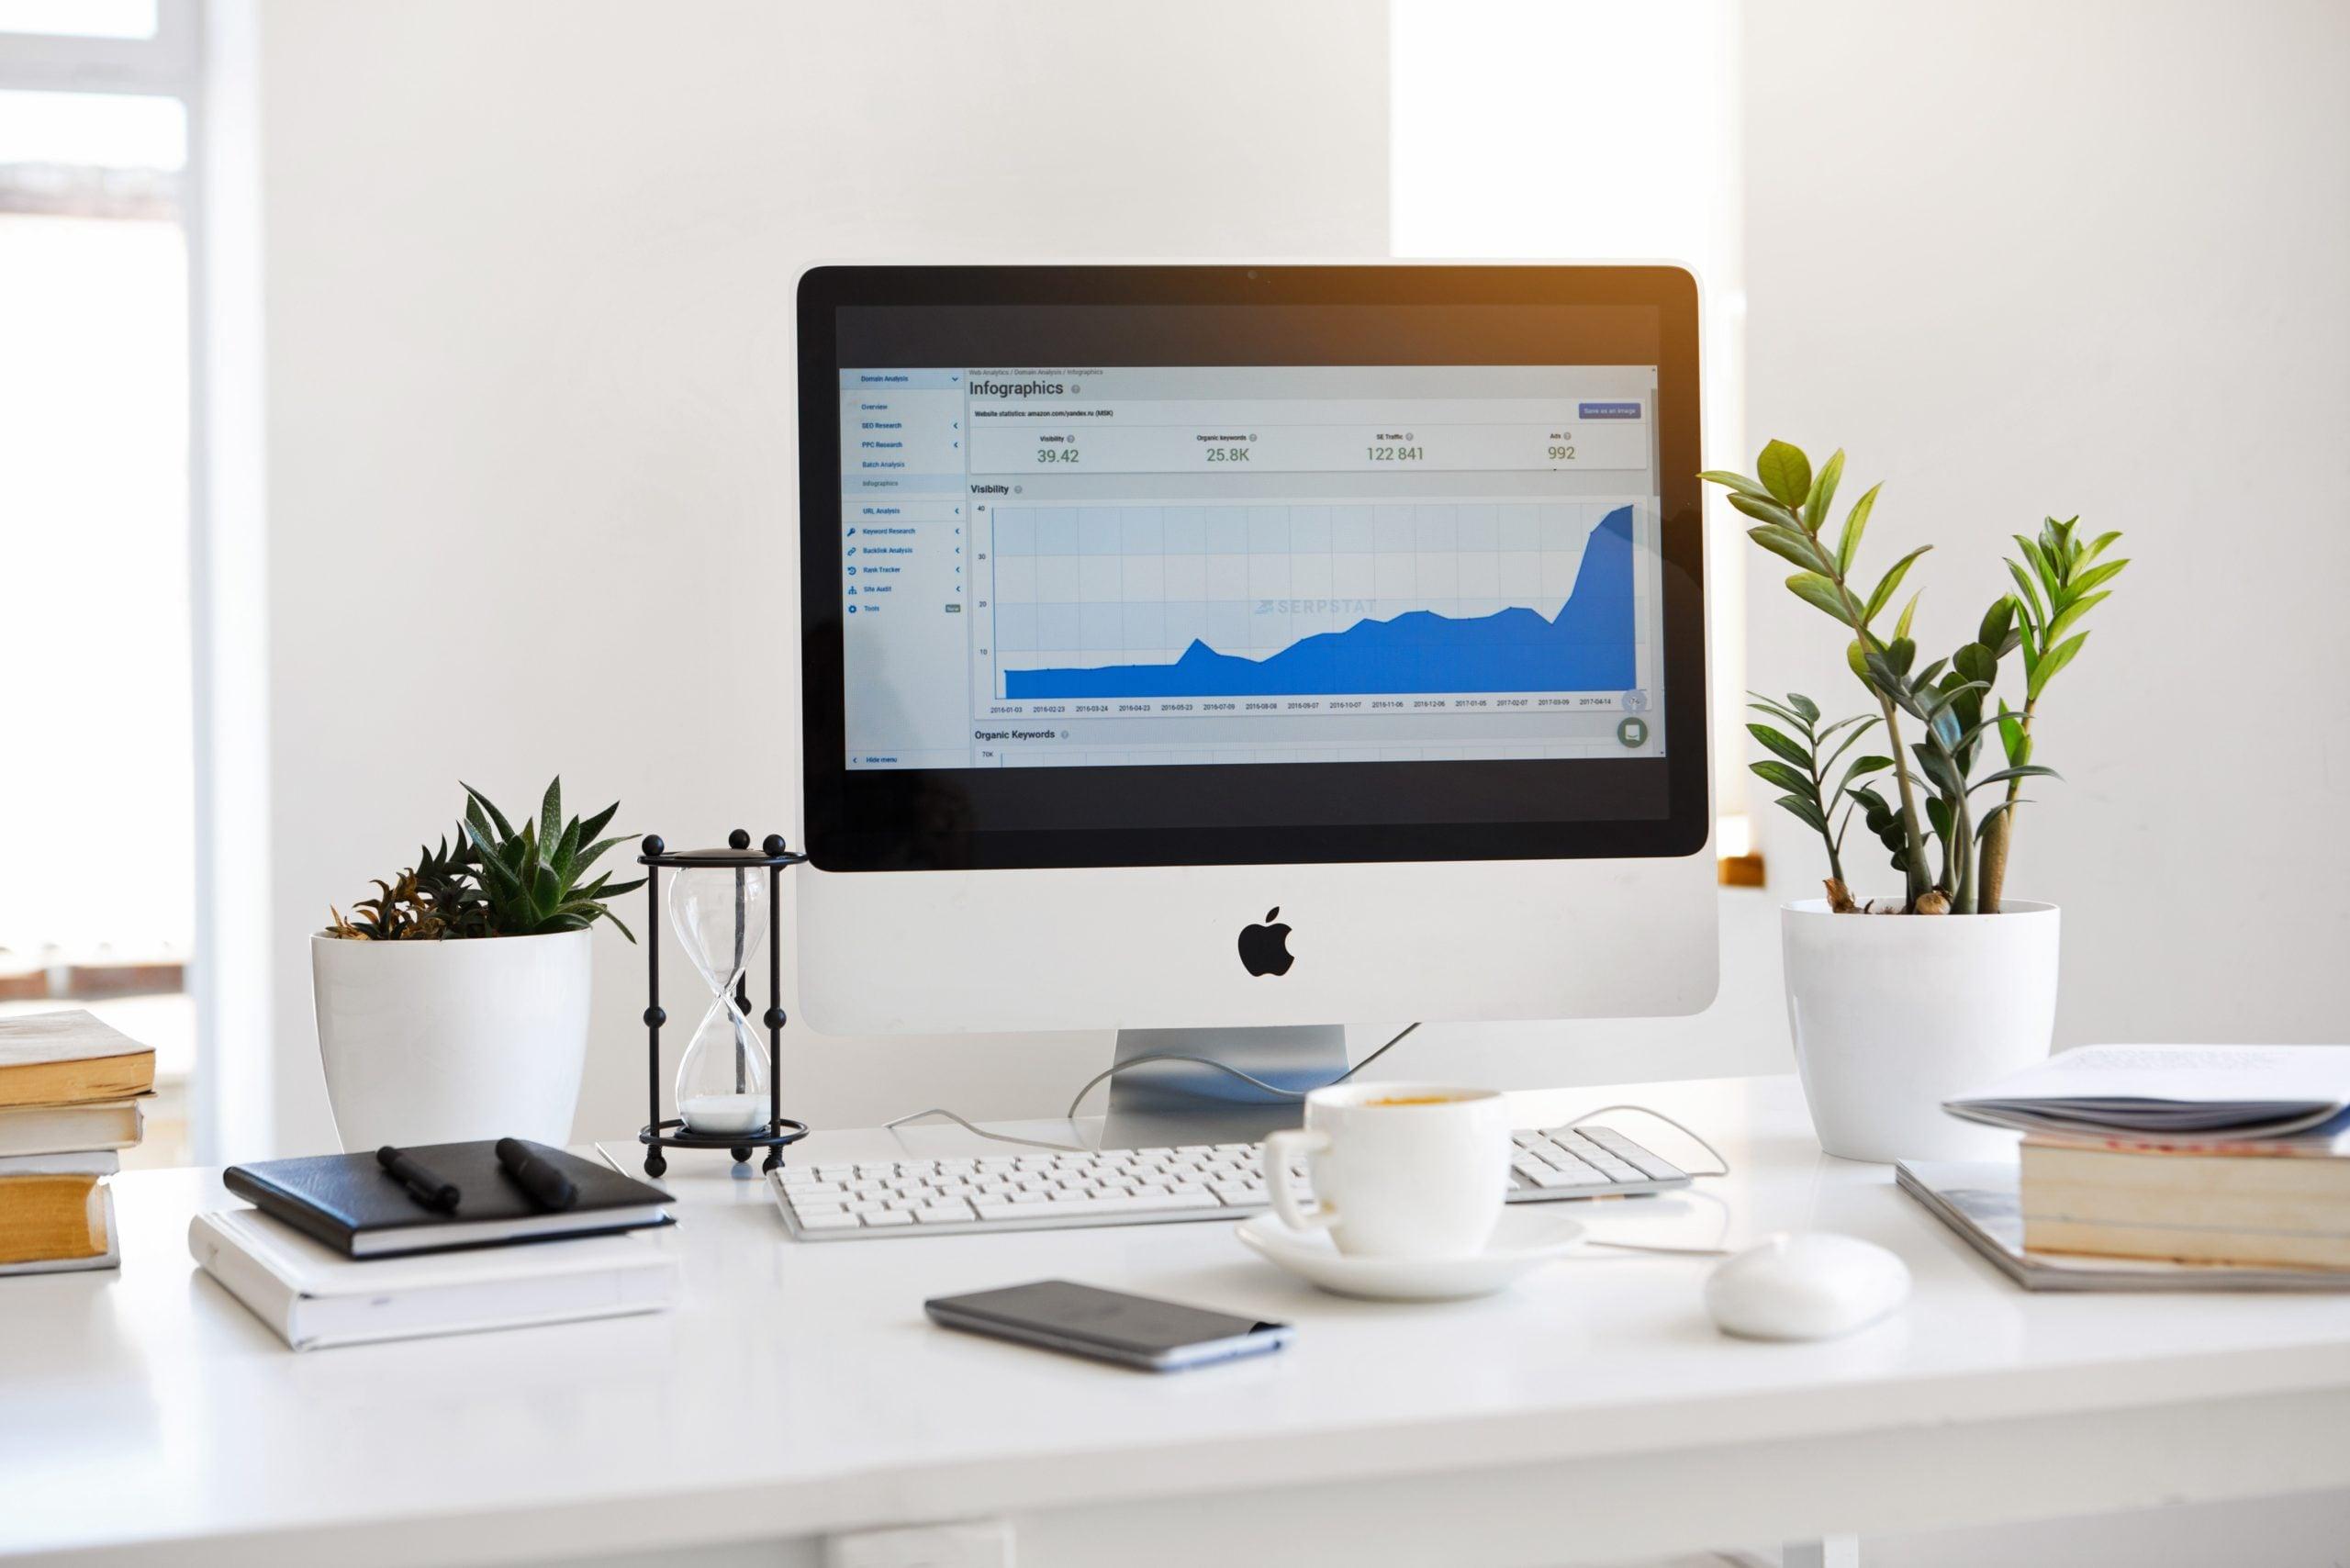 kaip užsidirbti pinigų namuose naudojant kompiuterį